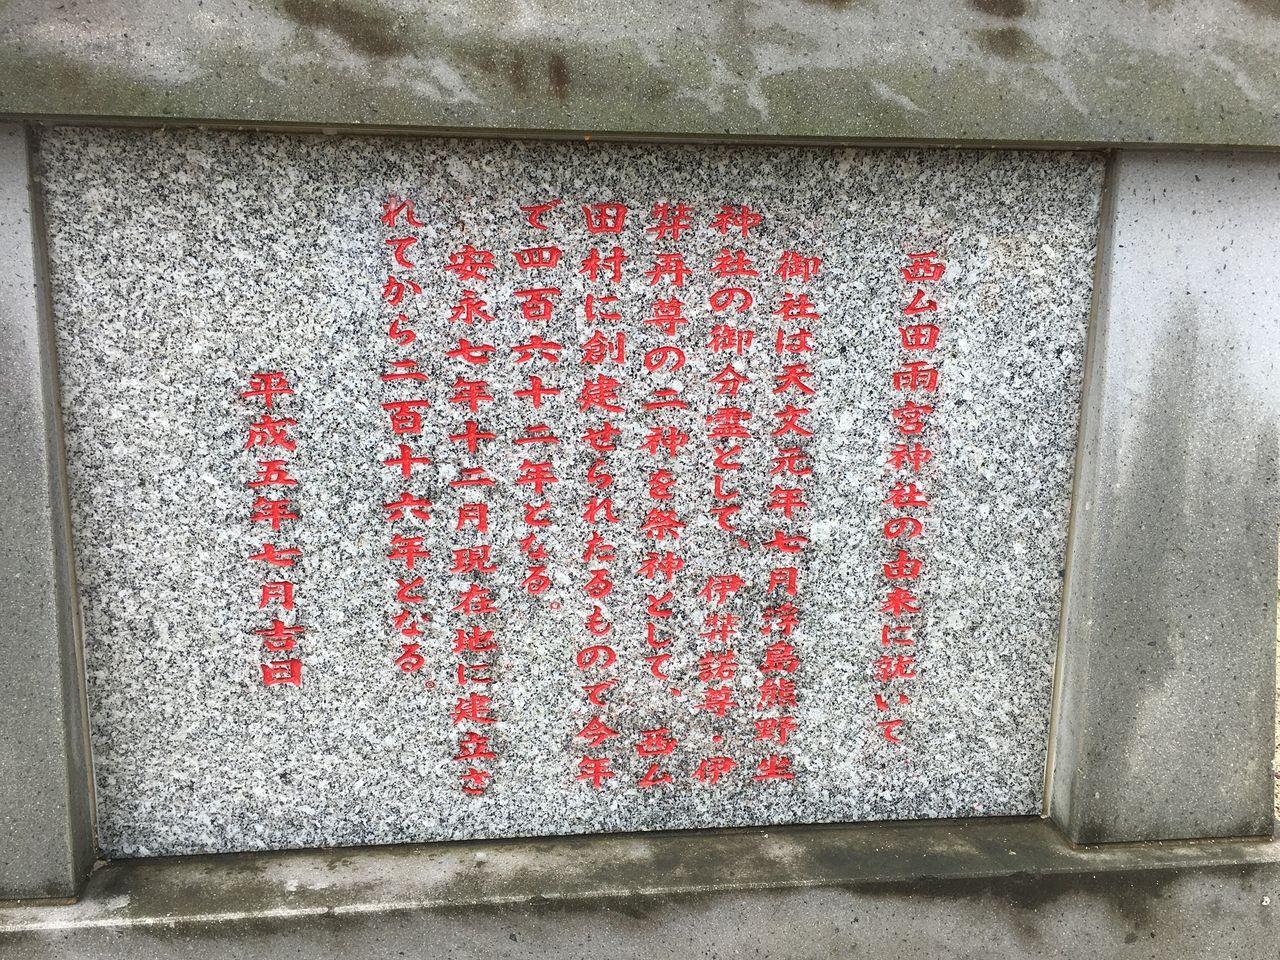 改築記念碑に記されている西無田雨宮神社の由来